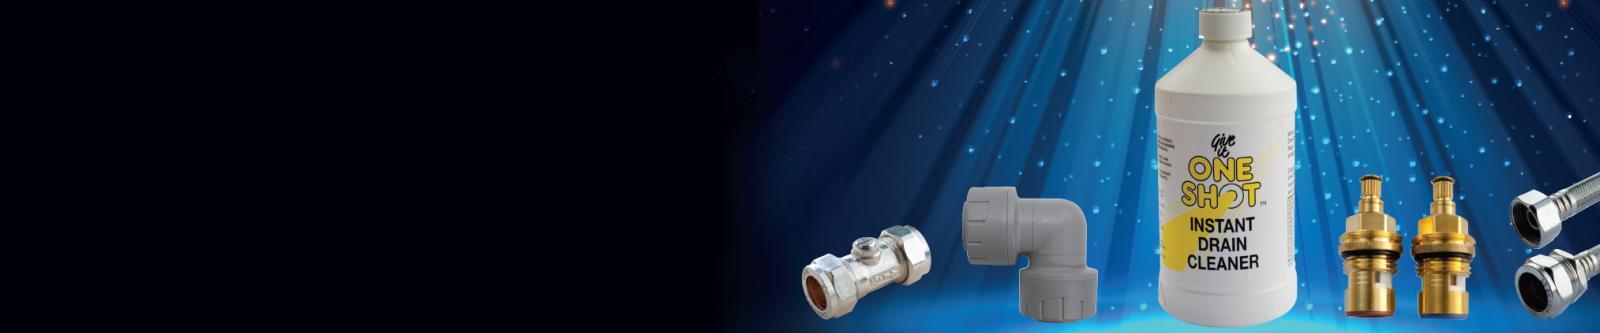 Oracstar Best Plumbing Deals